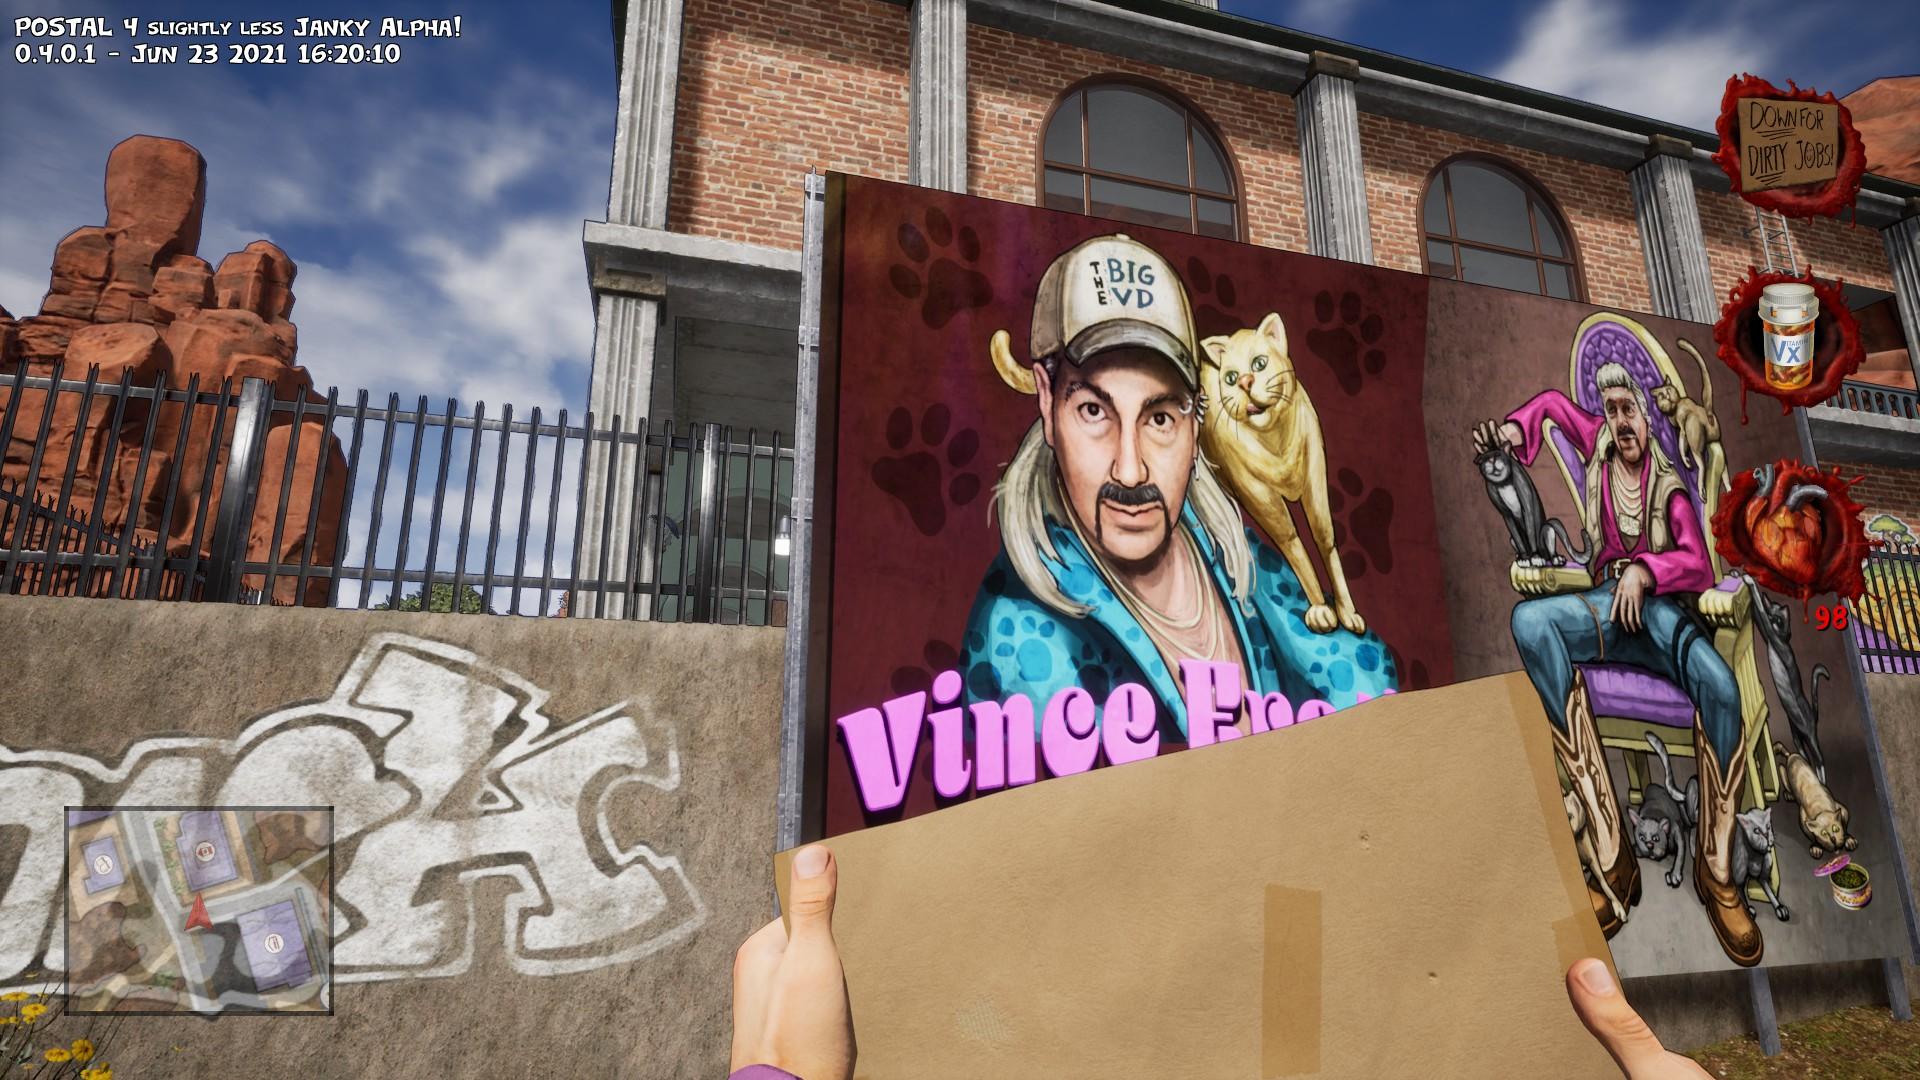 À chaque tournant, le jeu insère une référence à la culture pop, comme cette parodie du Tiger King